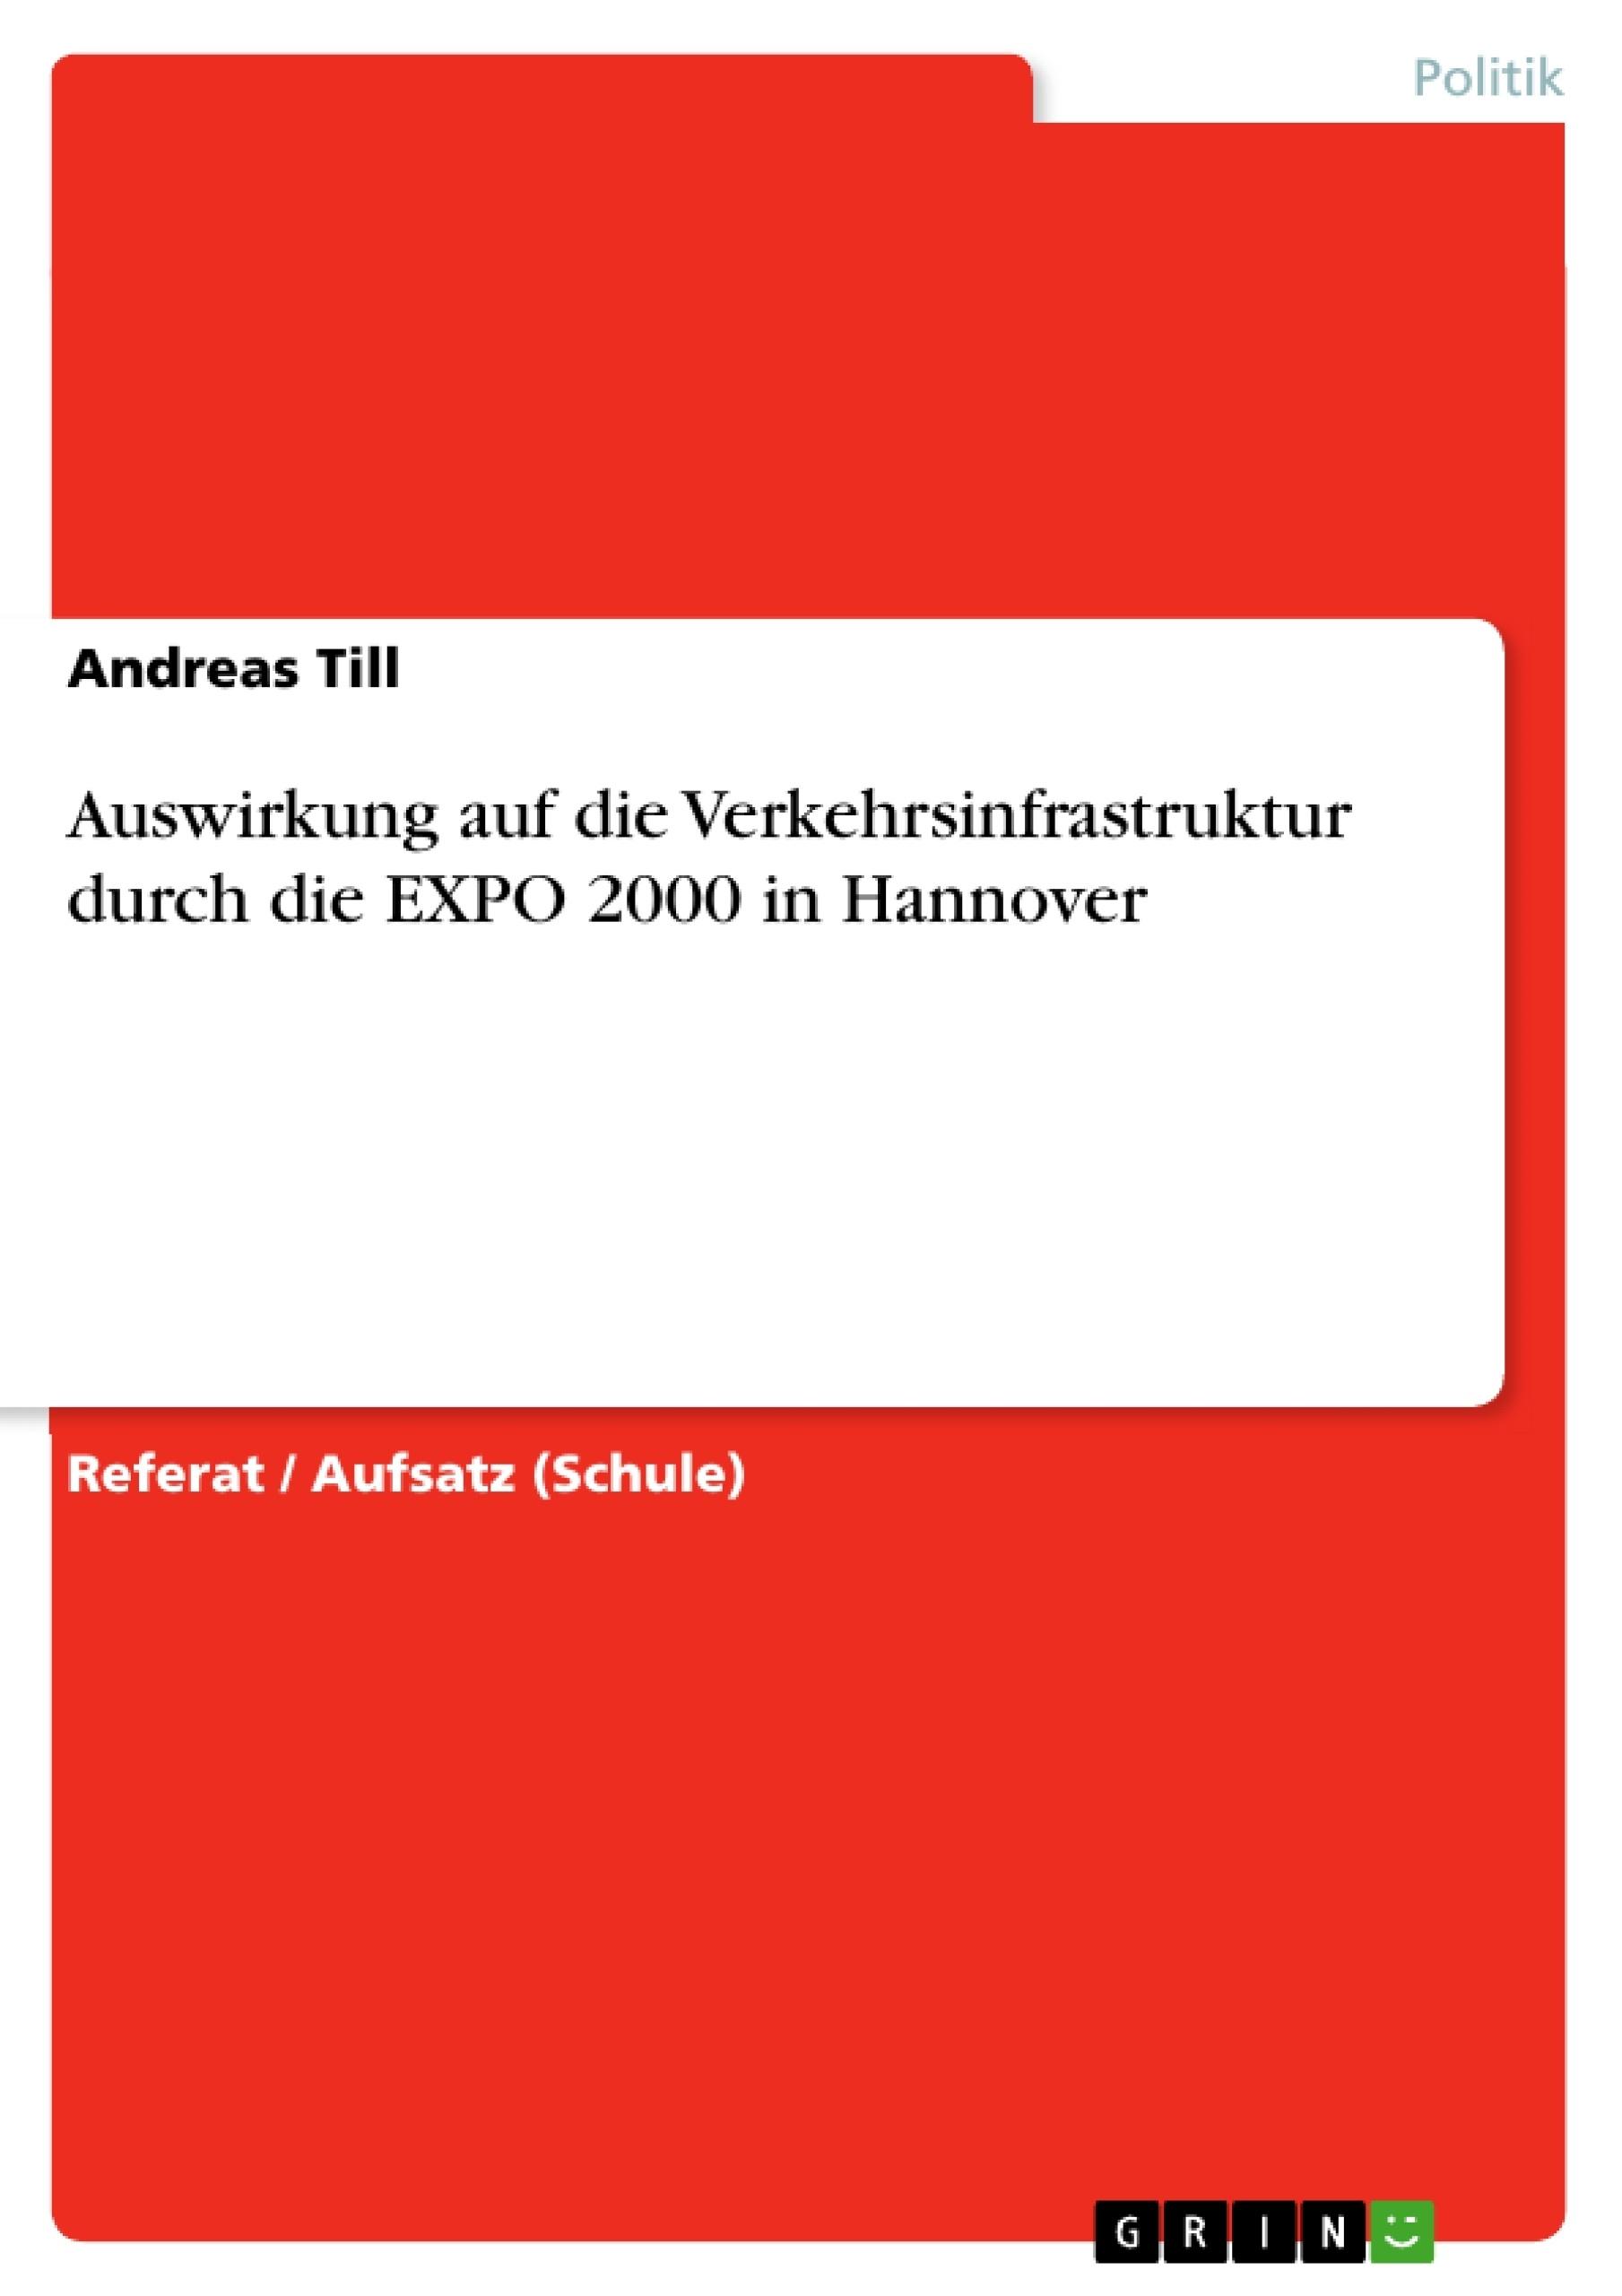 Titel: Auswirkung auf die Verkehrsinfrastruktur durch die EXPO 2000 in Hannover